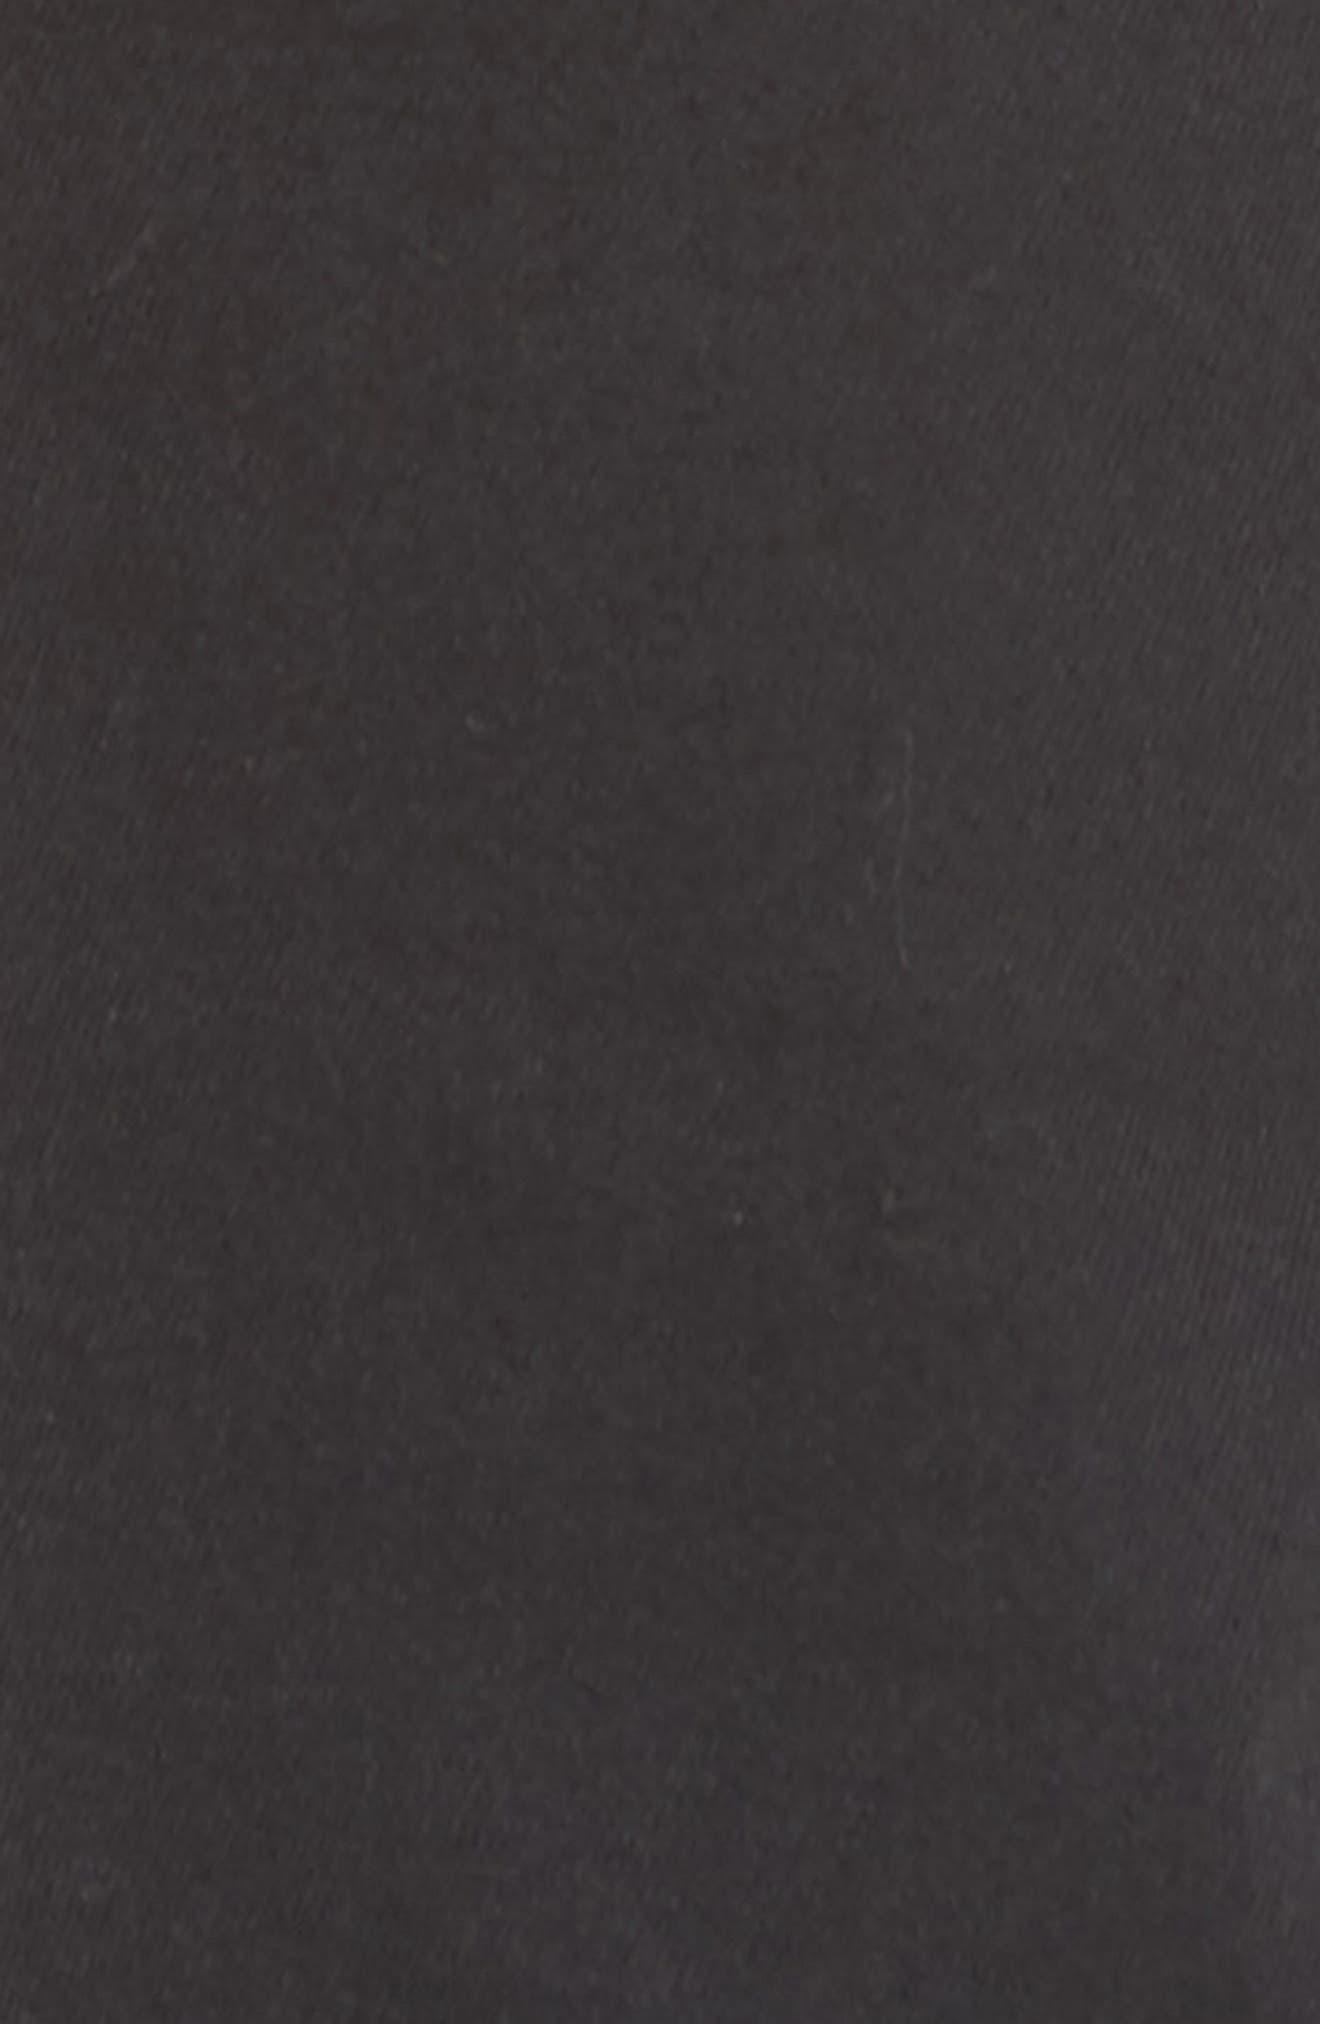 Blockshot Jogger Pants,                             Alternate thumbnail 5, color,                             Vintage Black/ Black